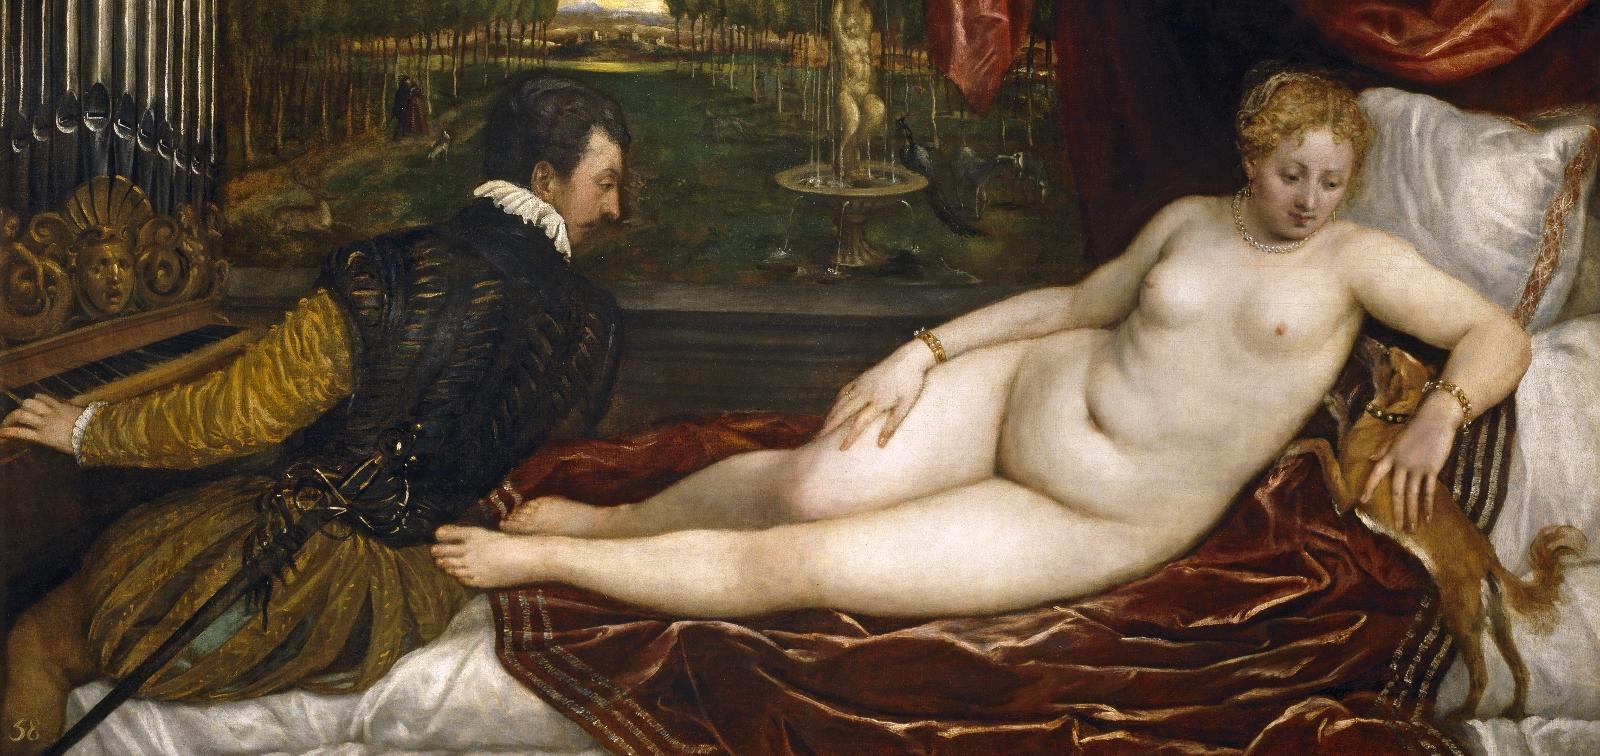 The Prado in the Hermitage